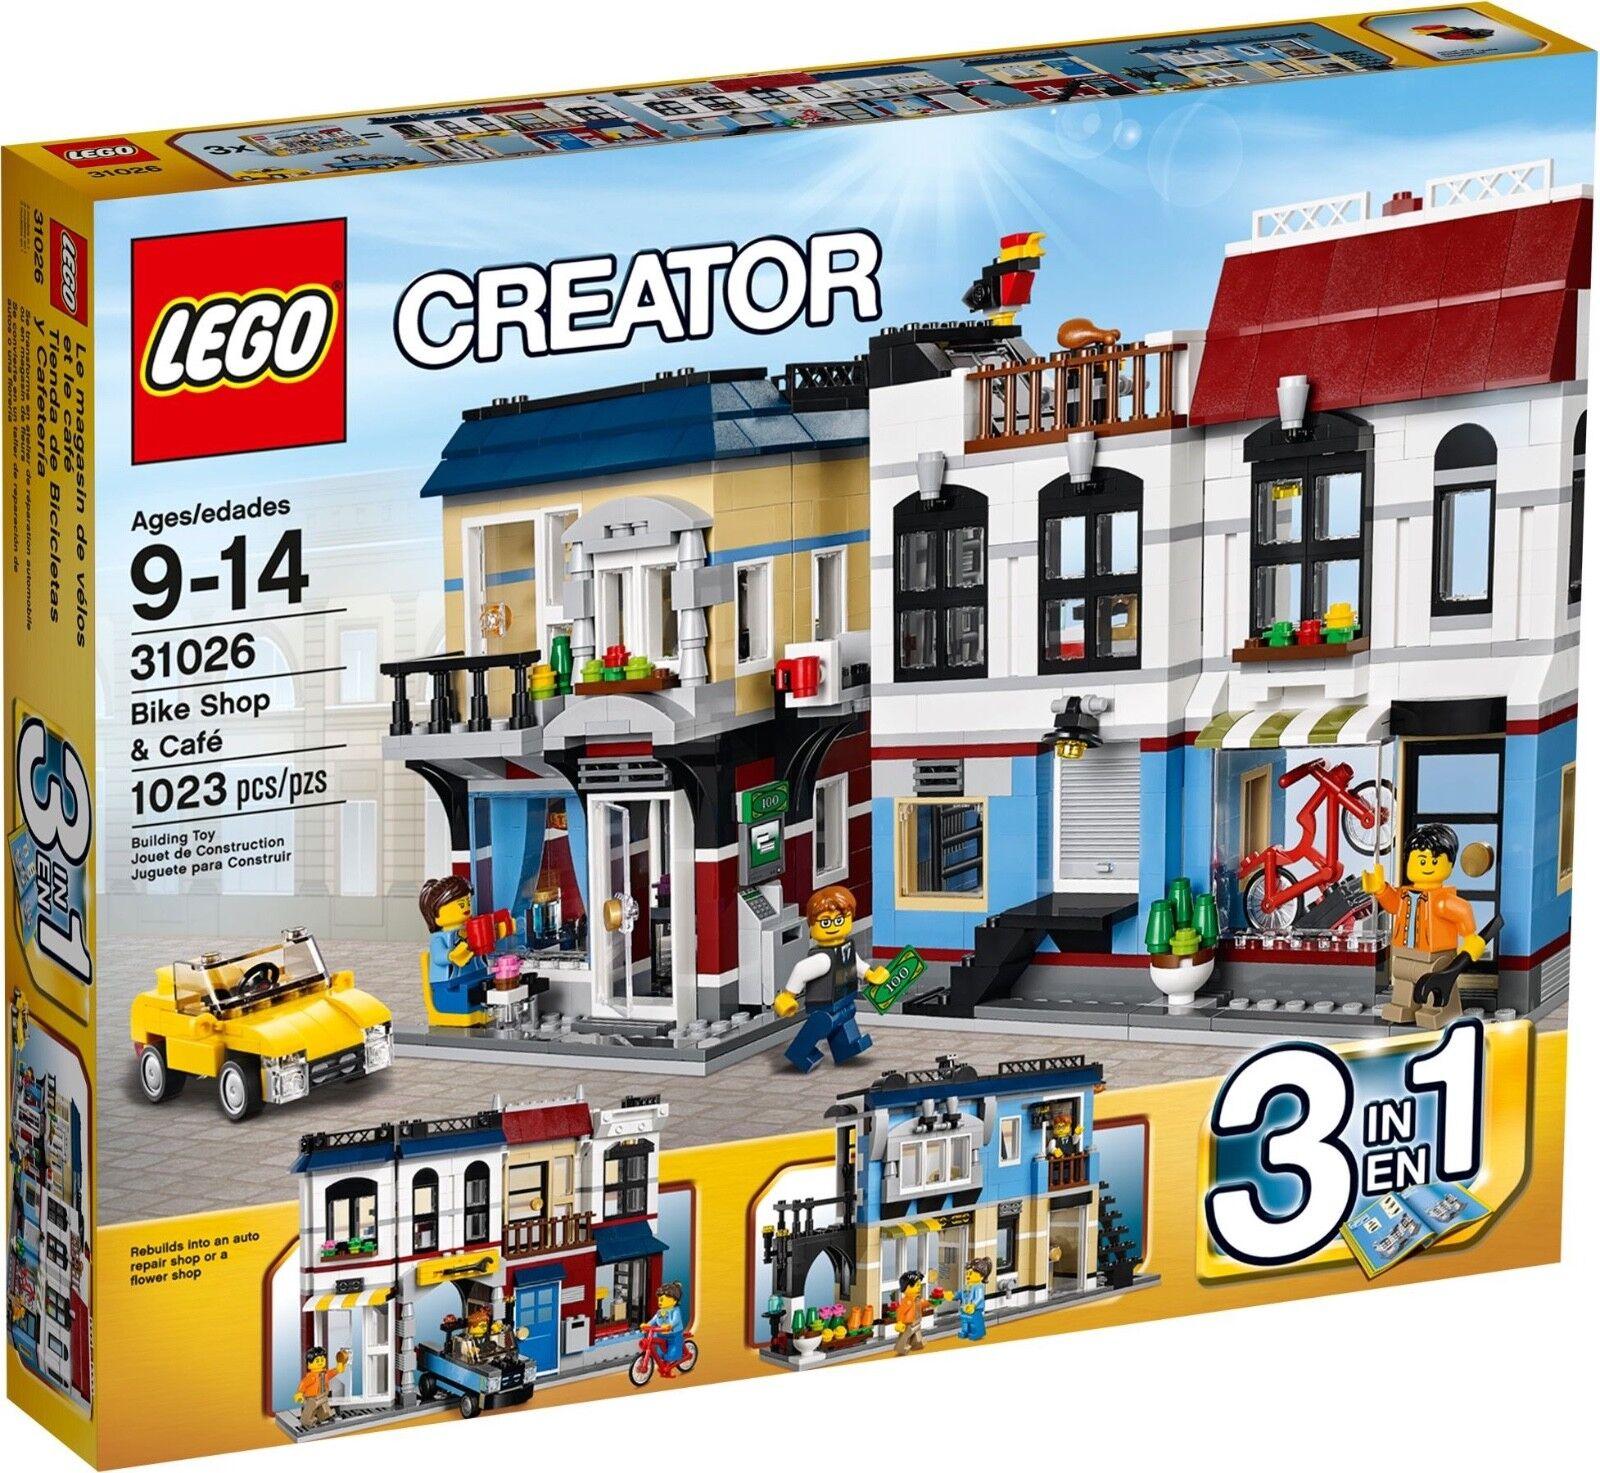 Tout Nouveau Lego Creator Vélo Boutique & Café  31026  meilleur service